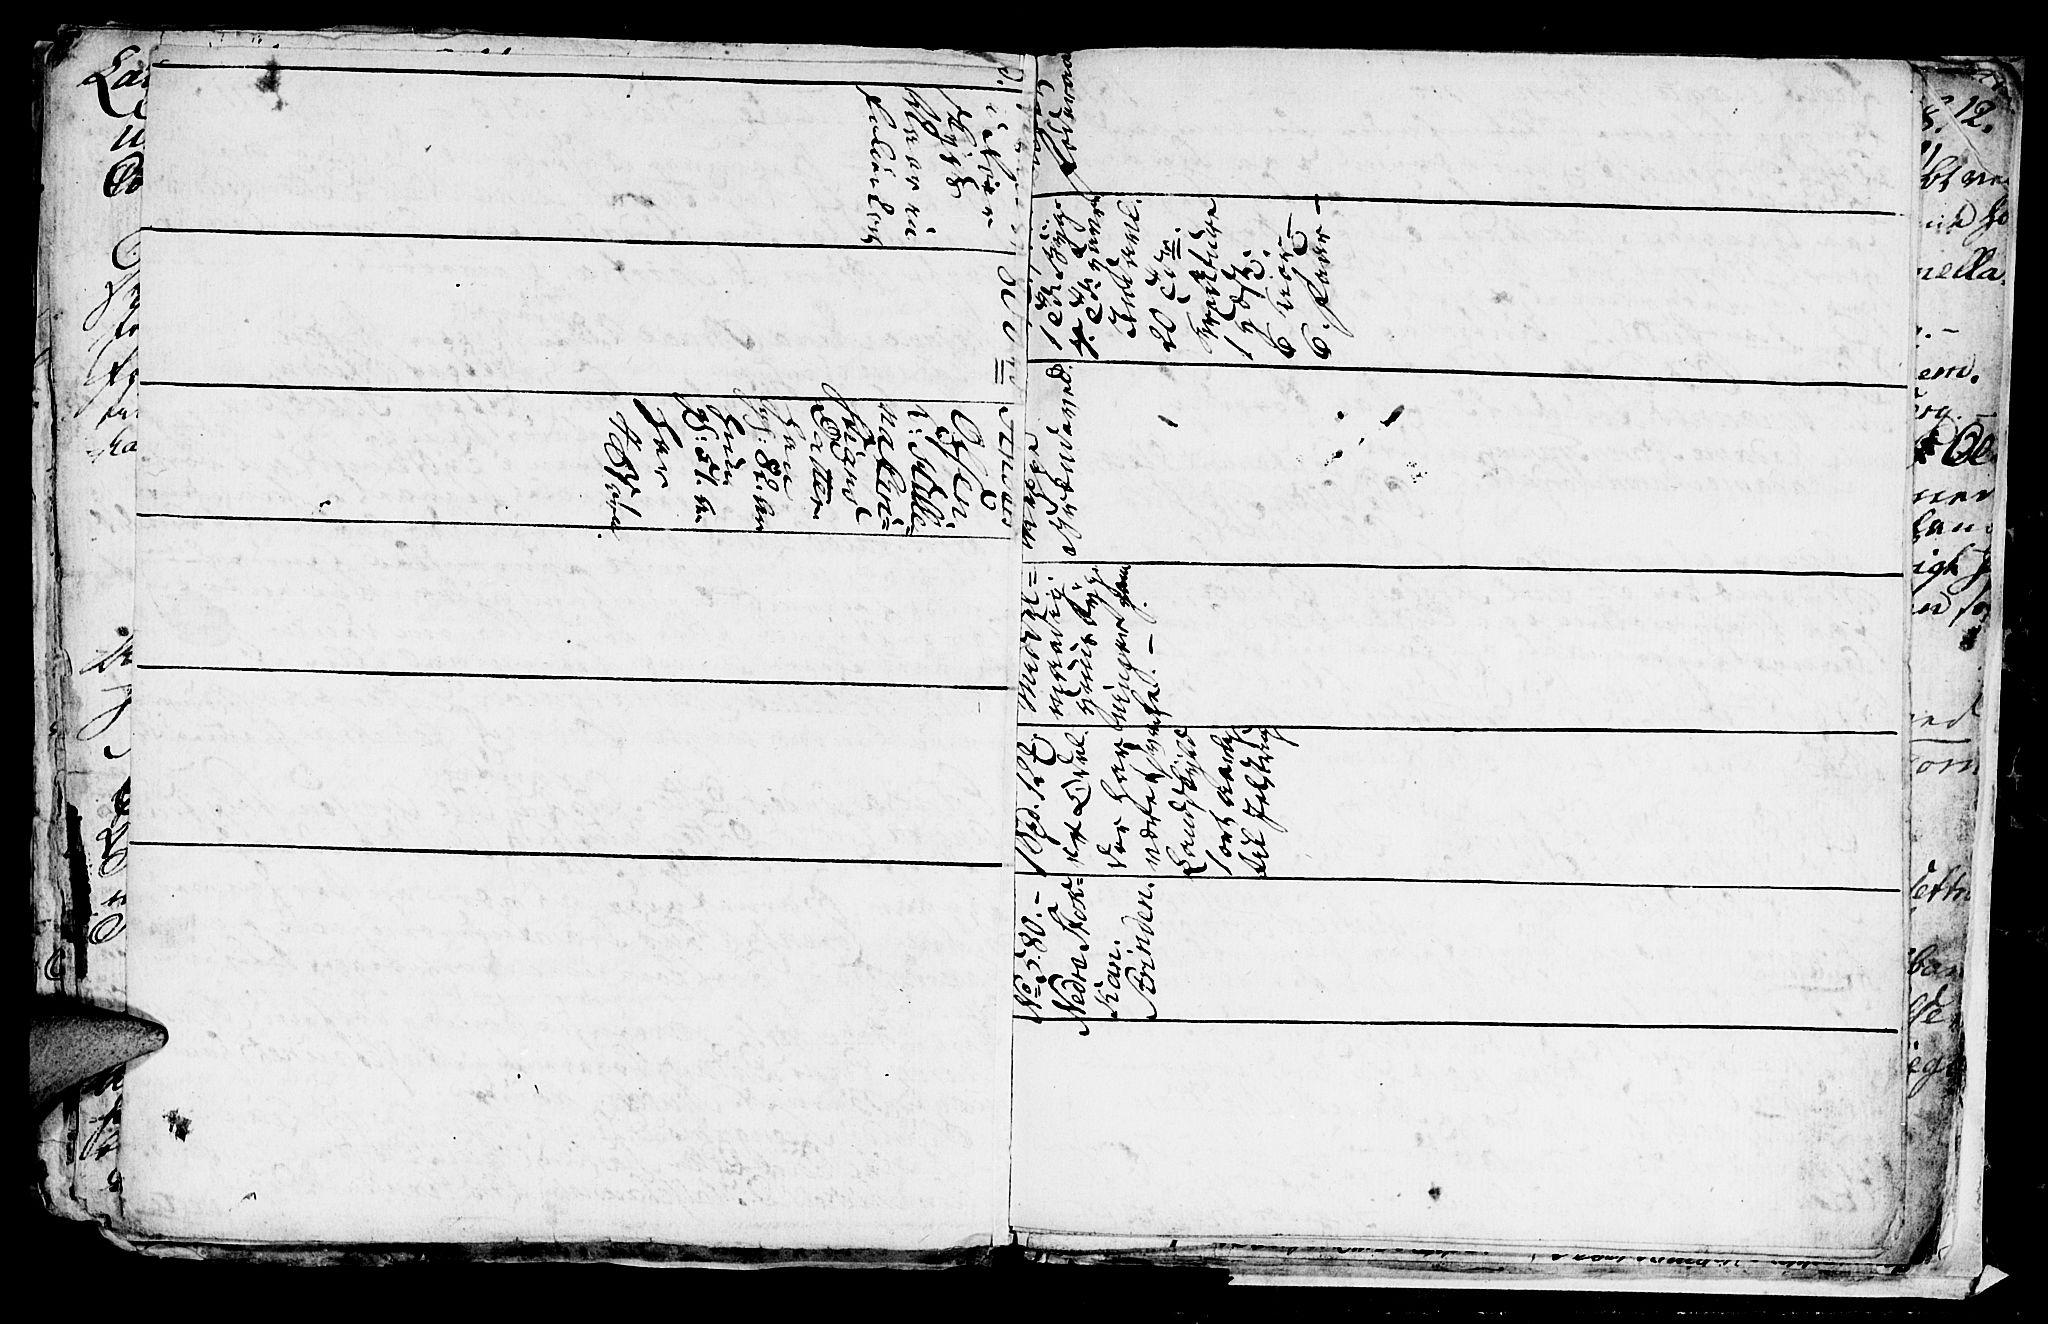 SAT, Ministerialprotokoller, klokkerbøker og fødselsregistre - Sør-Trøndelag, 606/L0305: Klokkerbok nr. 606C01, 1757-1819